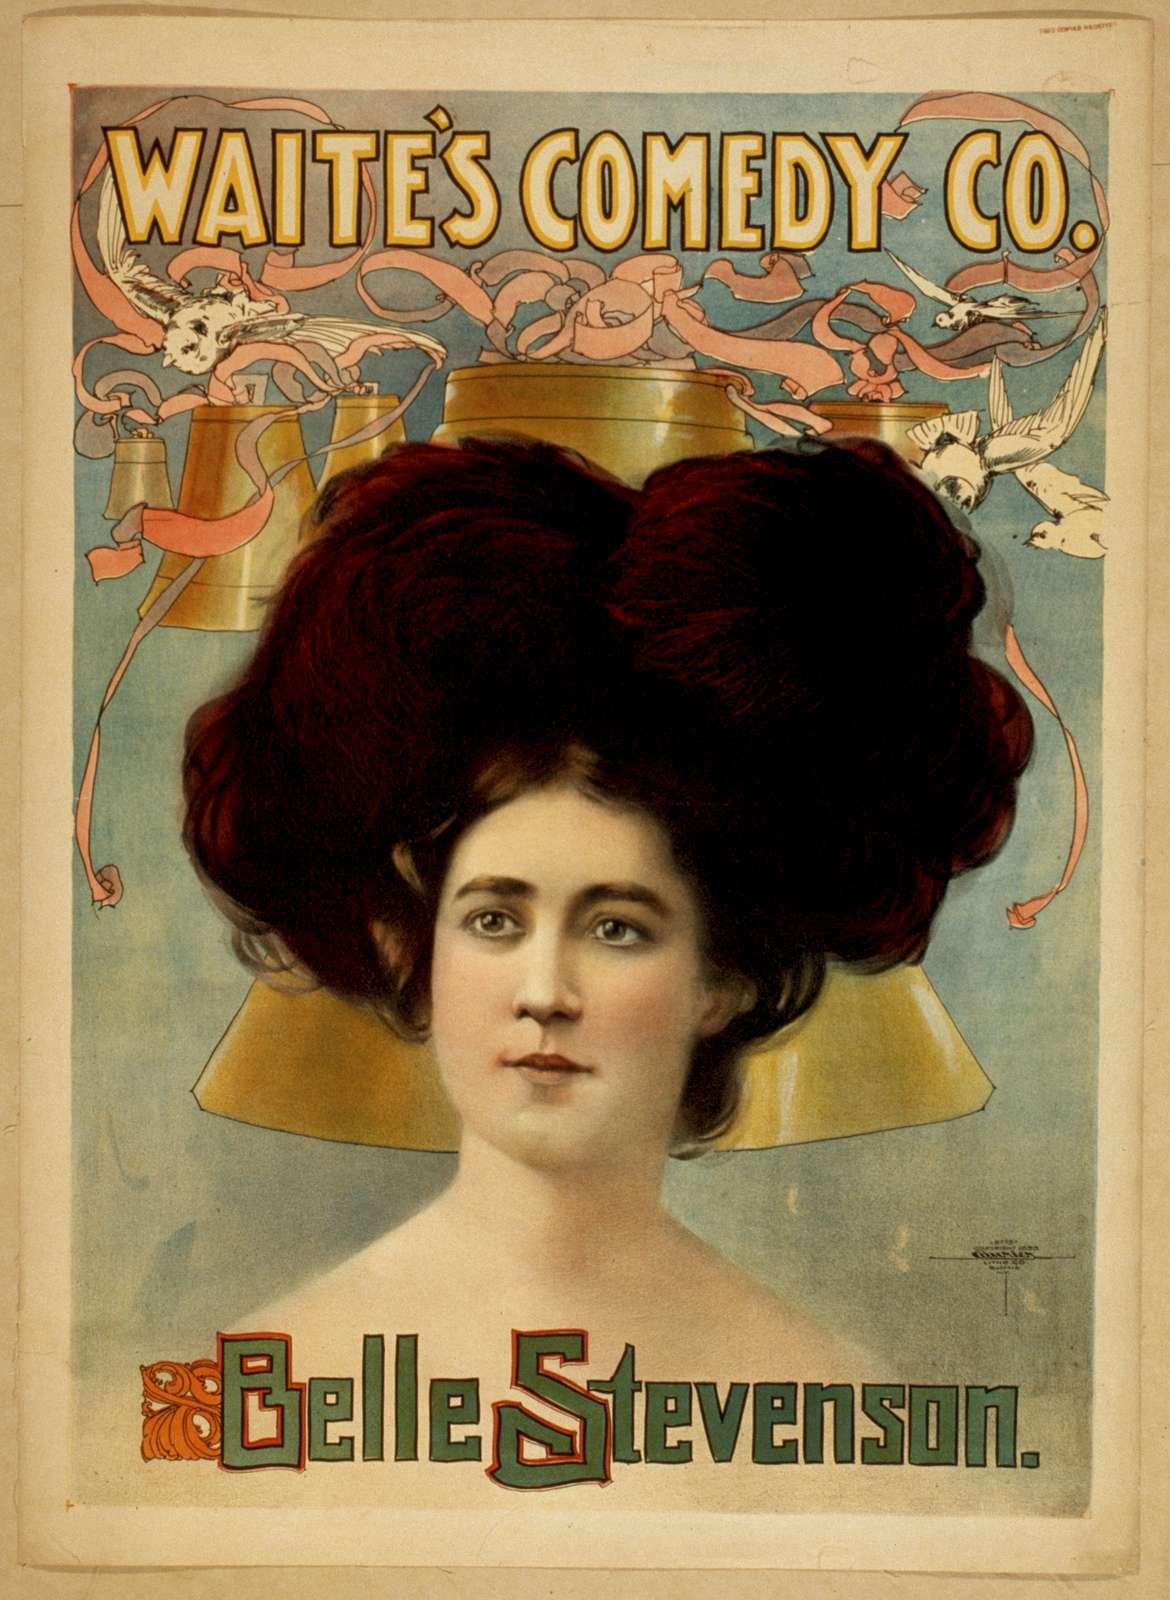 Waite's Comedy Co.